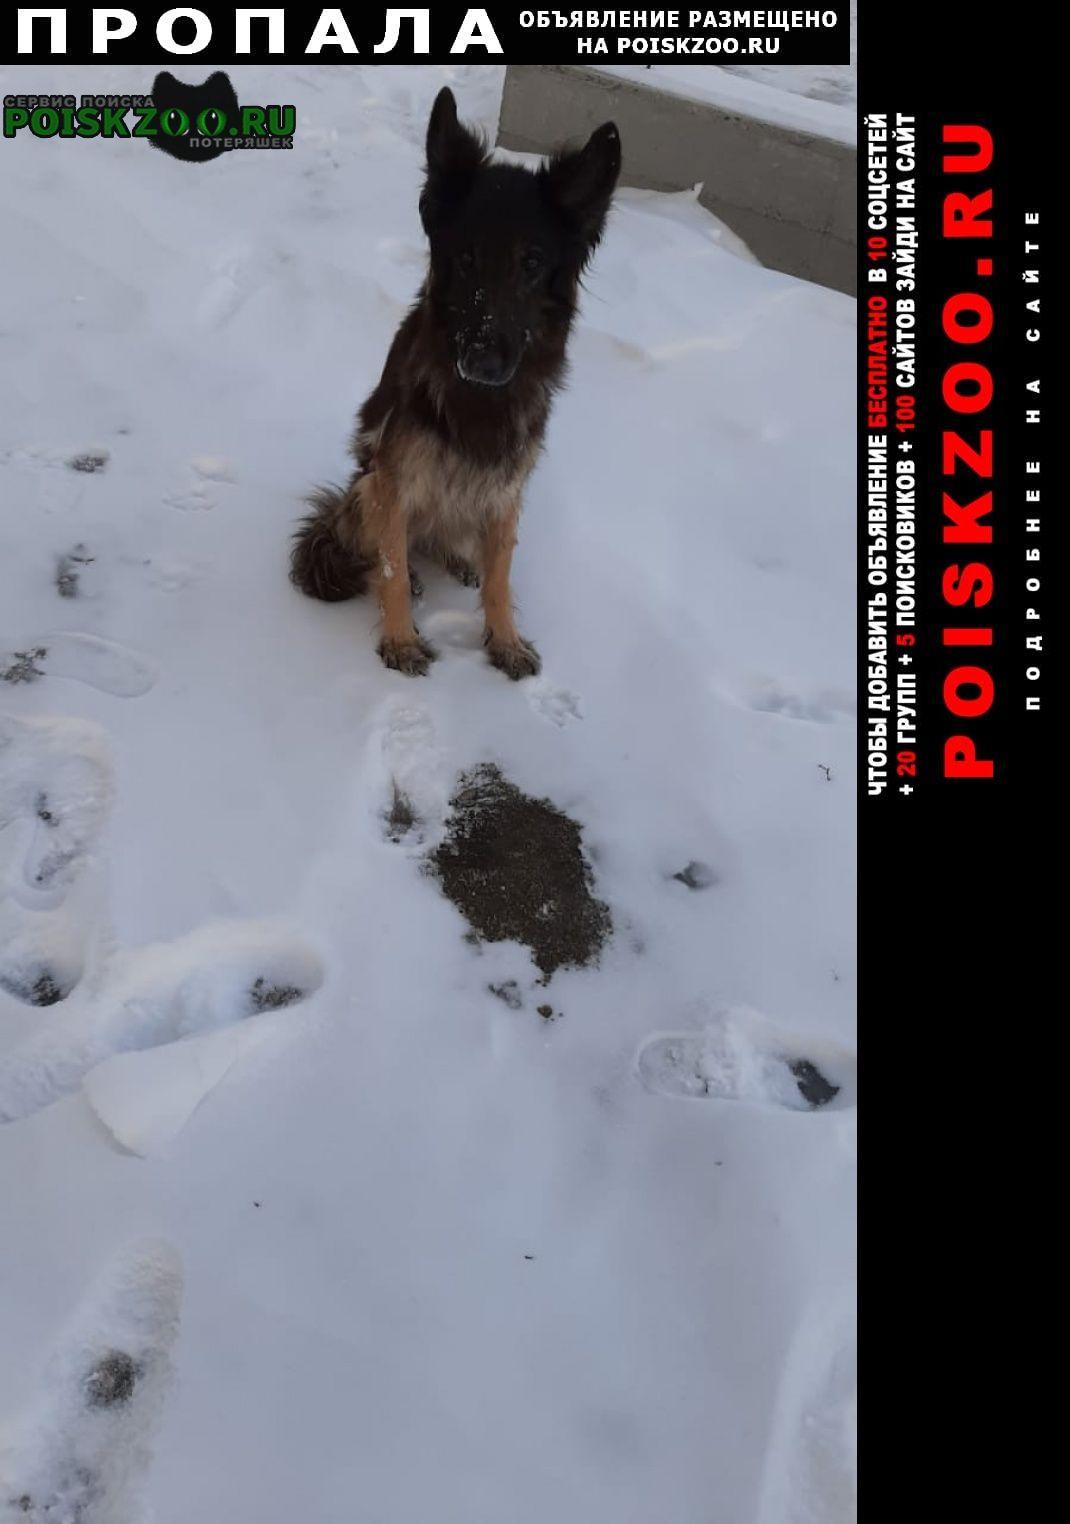 Пропала собака животное нуждается в помощи Бийск